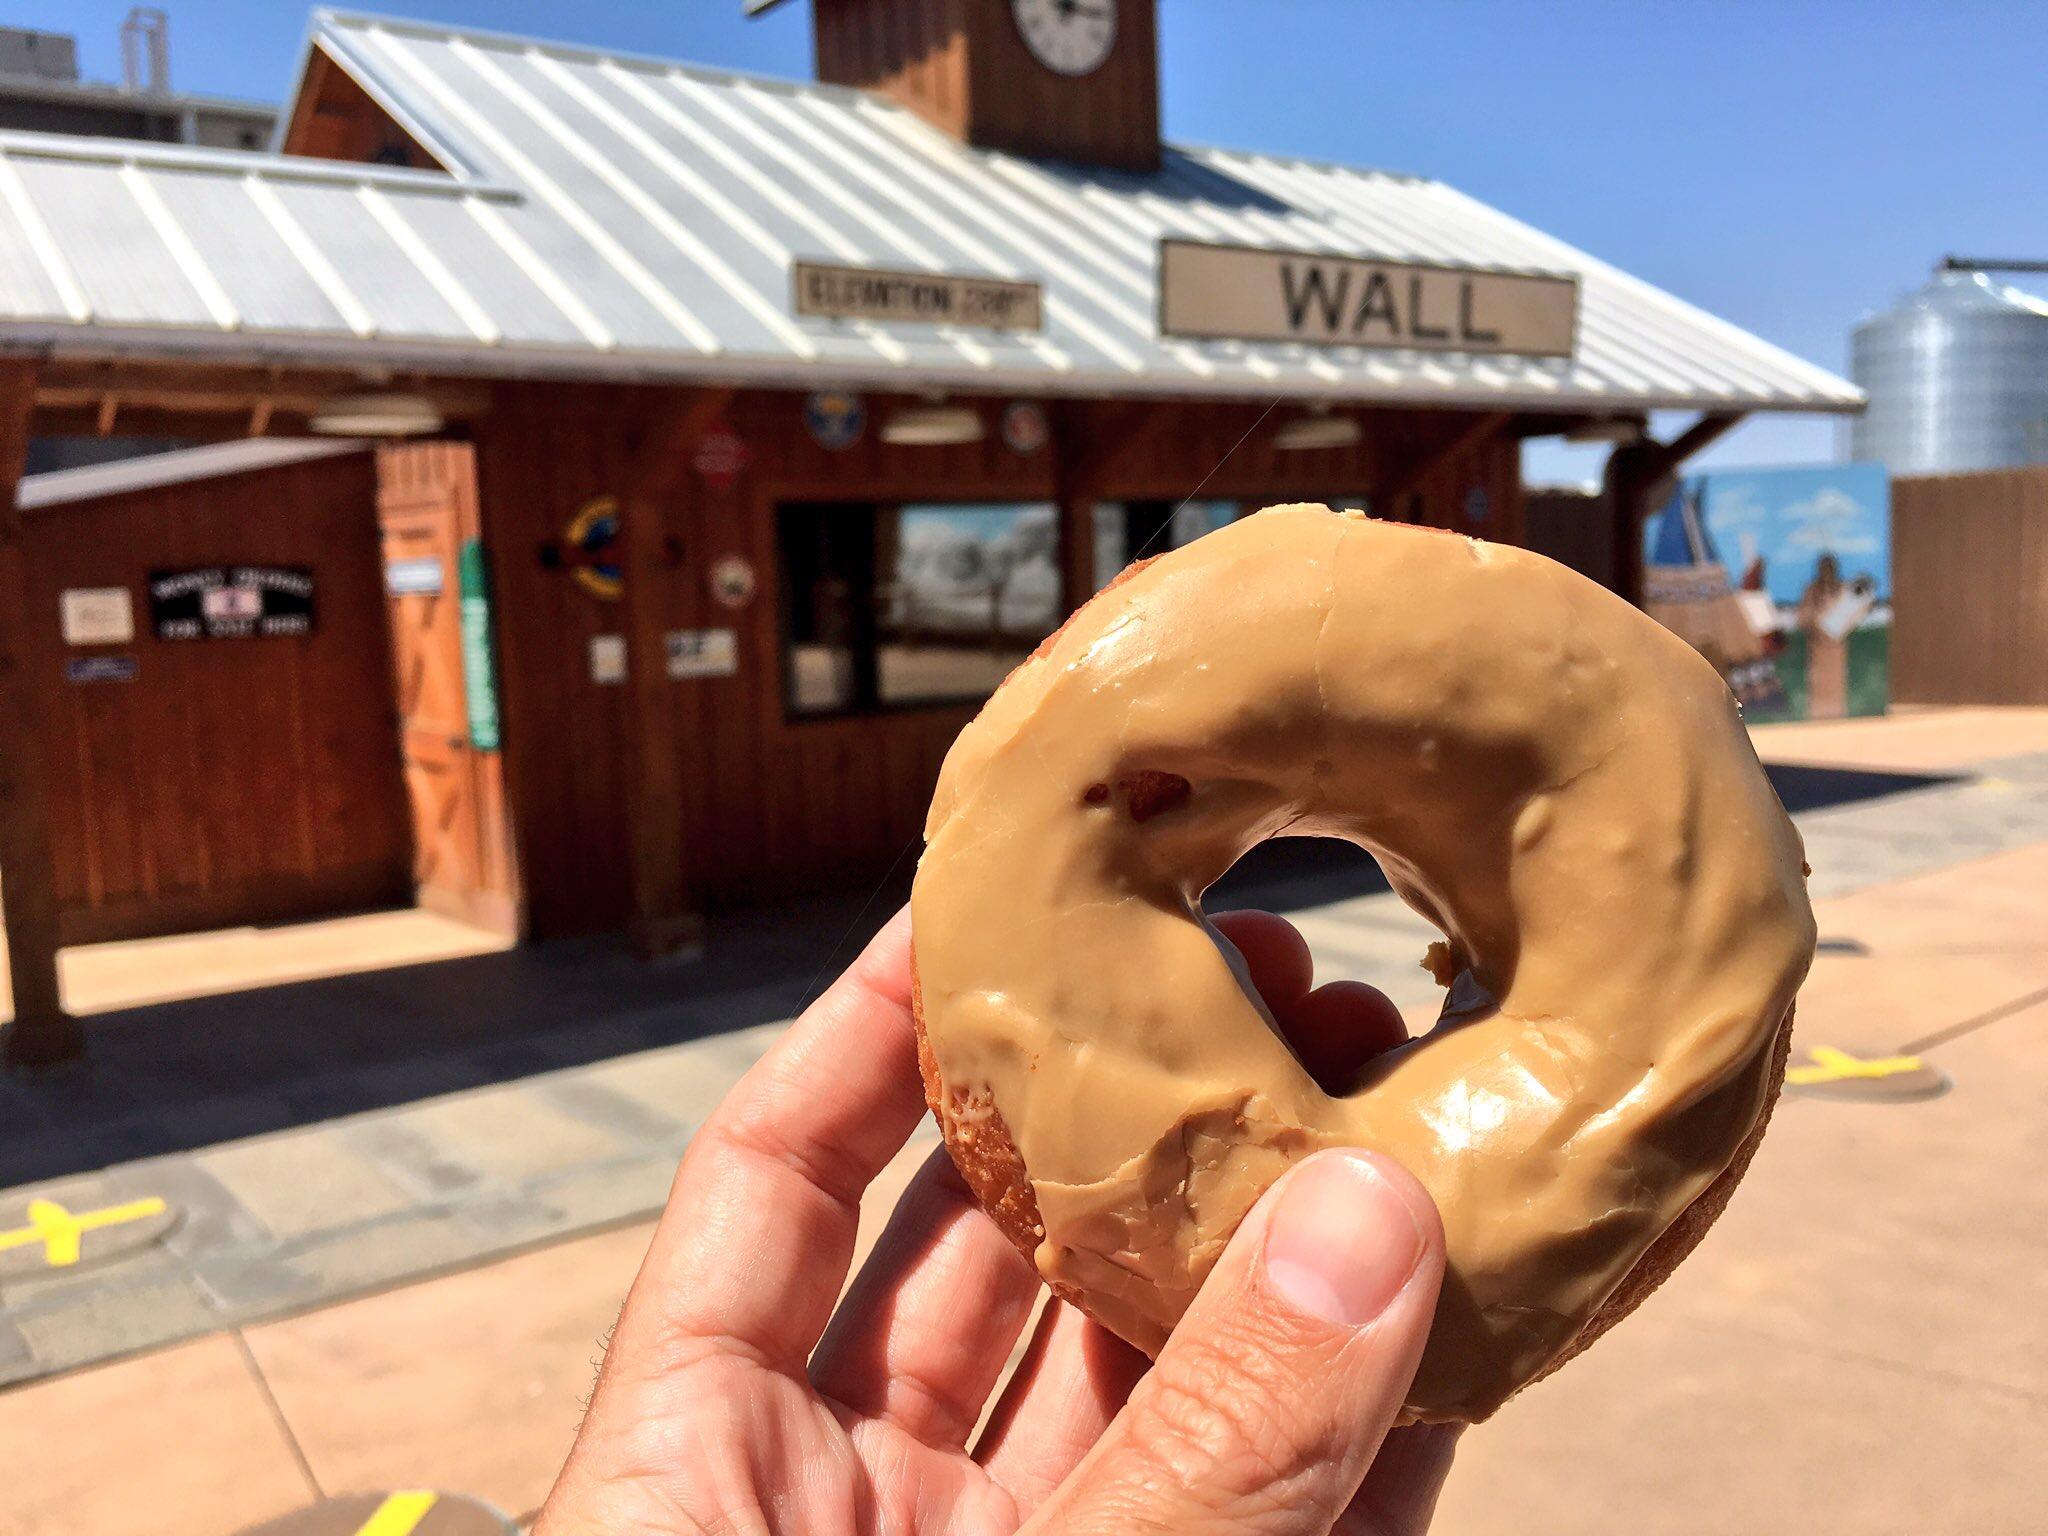 Maple-Donut-Wall-Drug.jpg